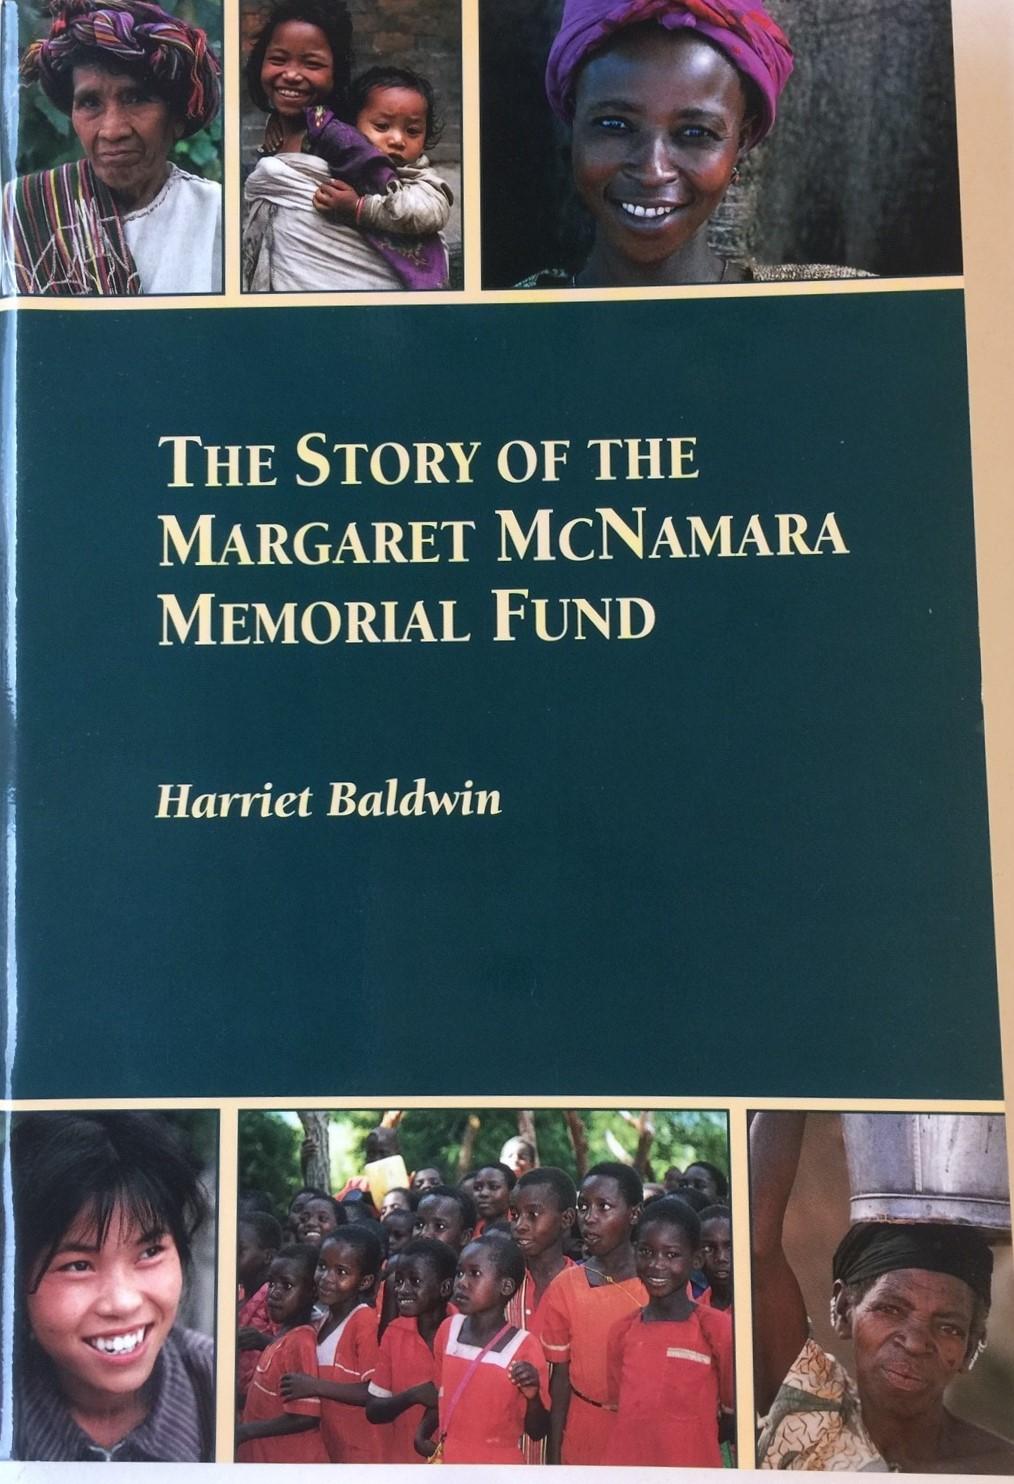 H.Baldwin book cover (2).jpg